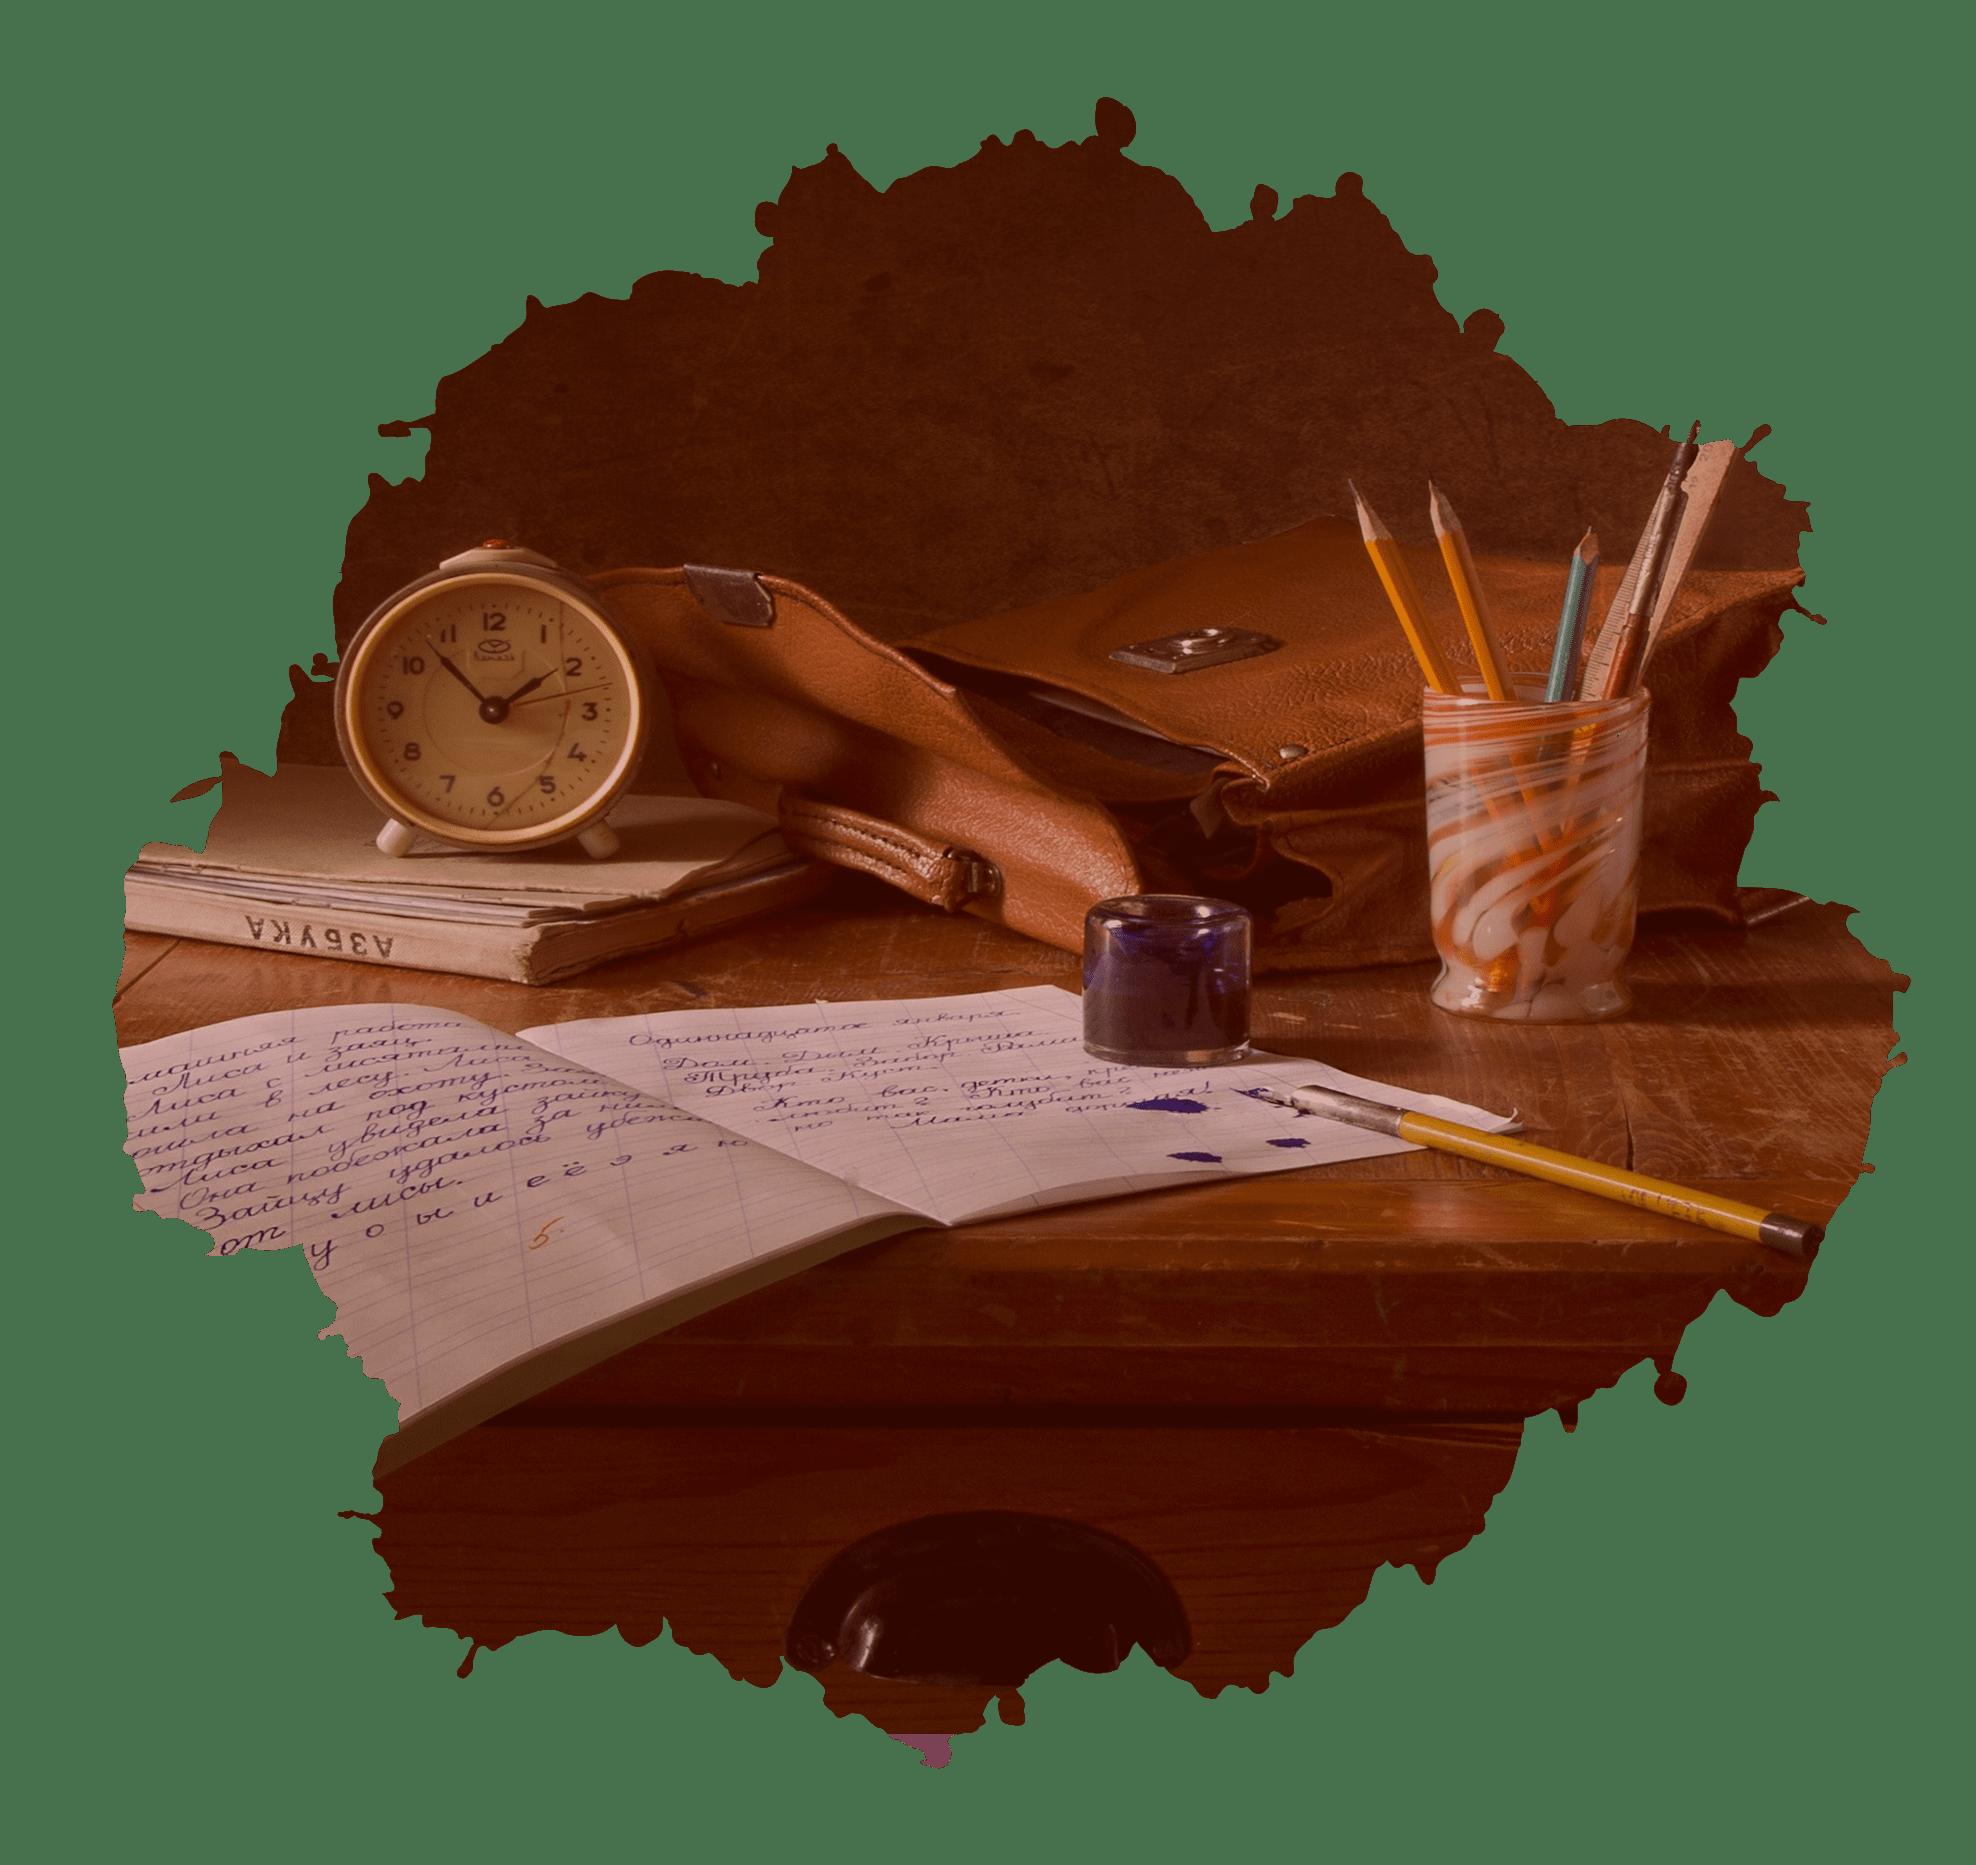 Creative Writing, Publishing & Media Management